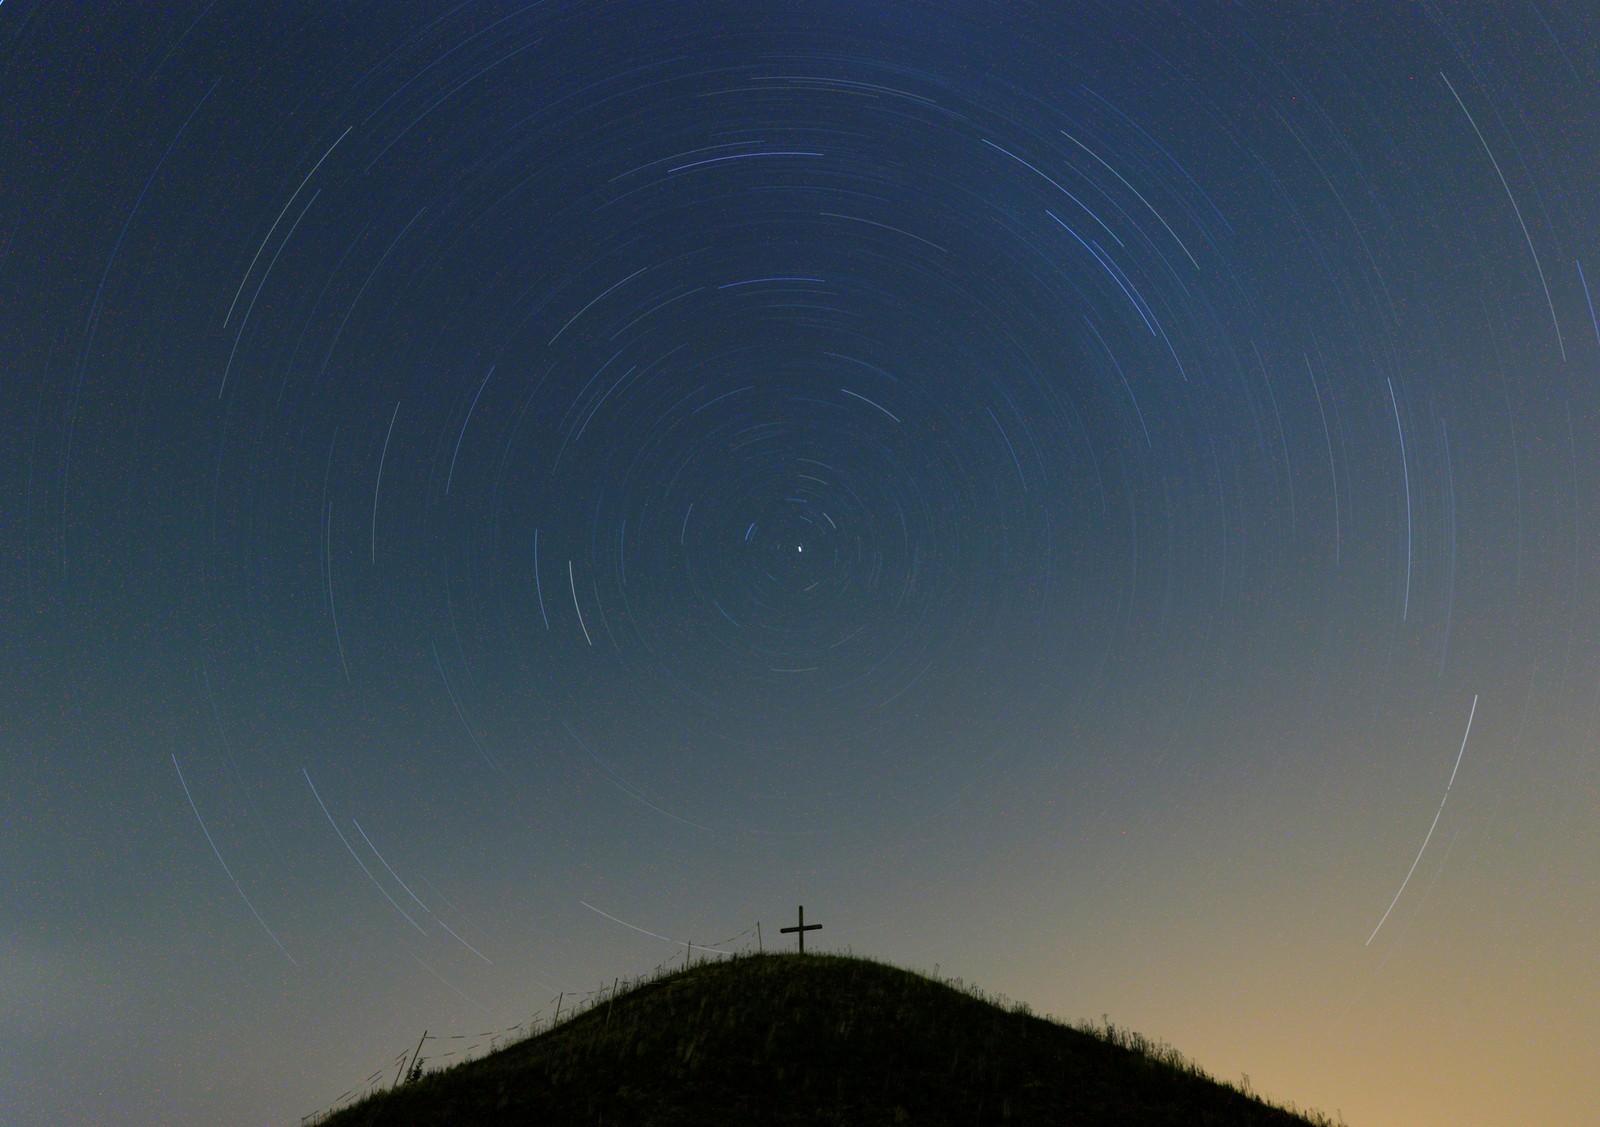 Dette bildet tok 90 minutter å ta. Resultatet ble en unik stjernehimmel over Grossmugl, Østerrike.